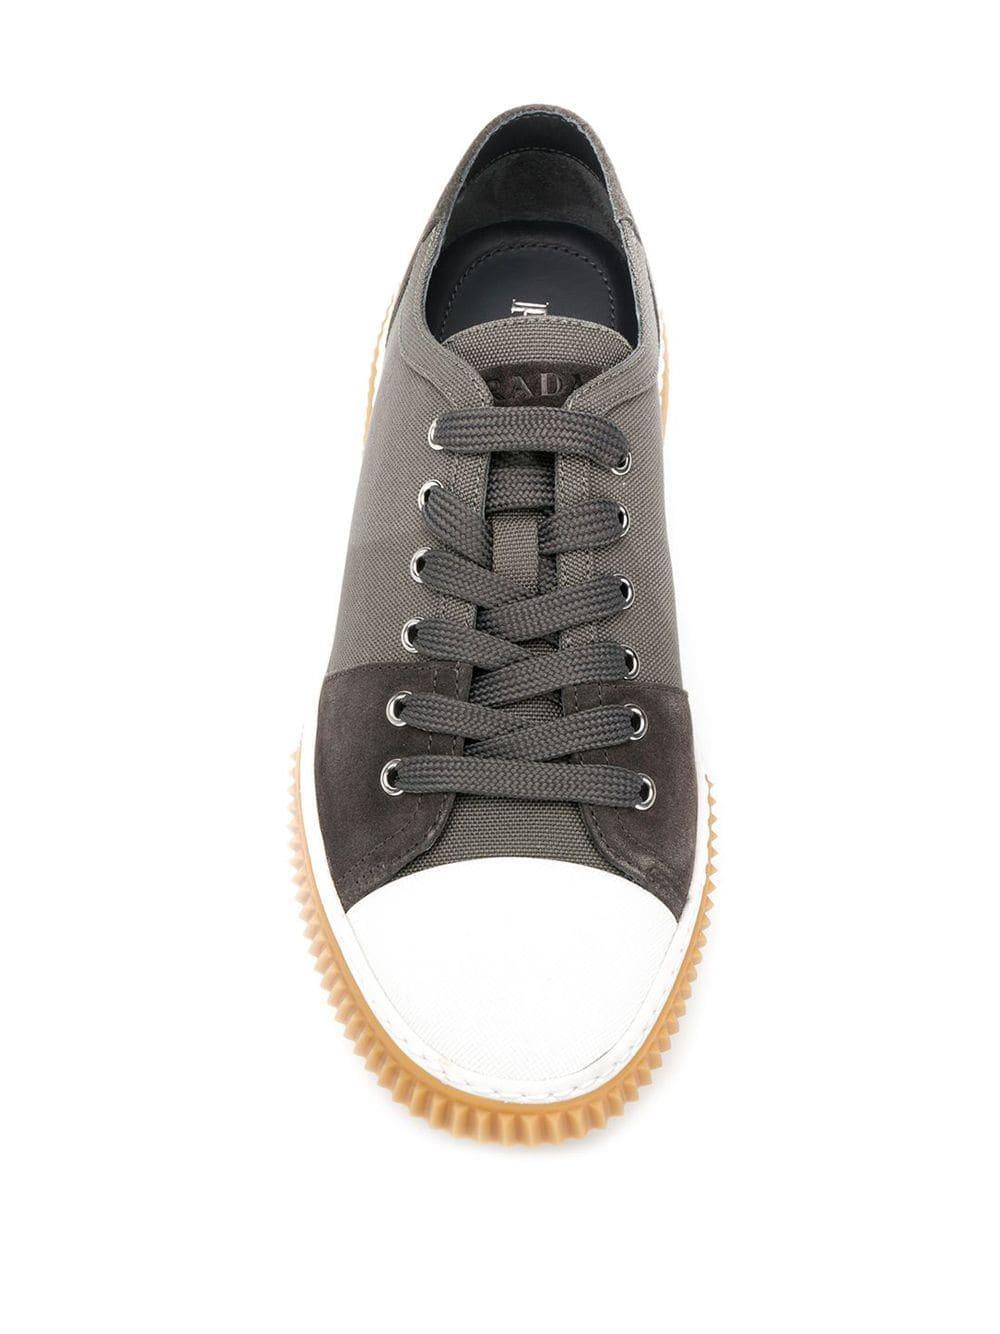 Zapatillas bajas Prada de Cuero de color Gris para hombre